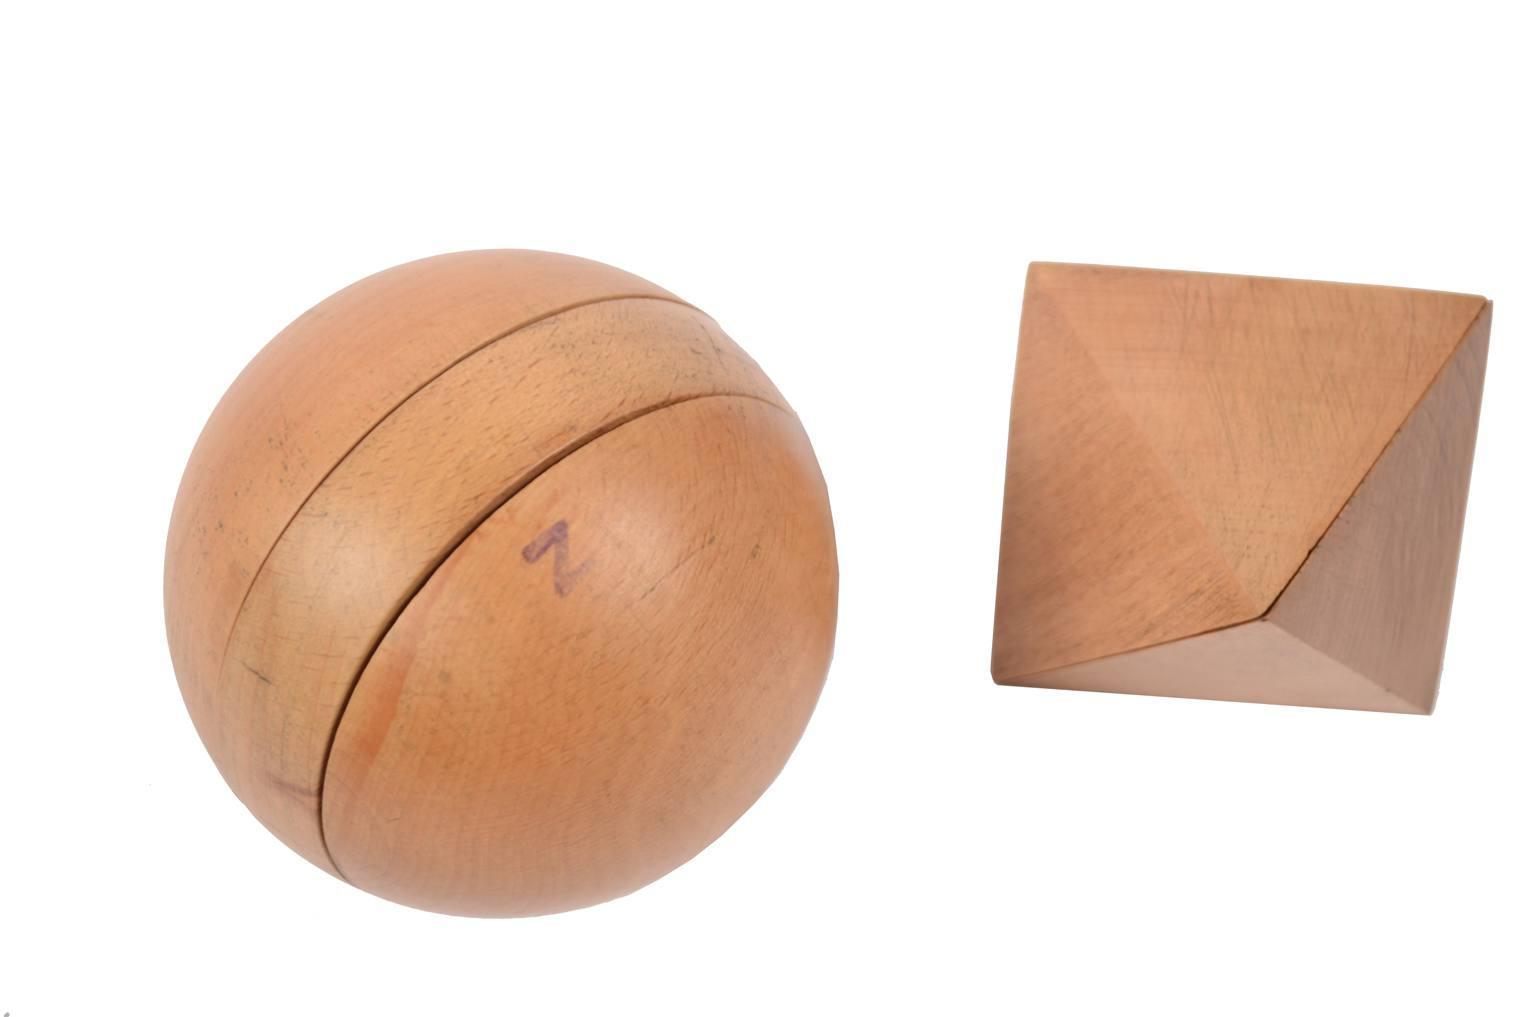 Strumenti di misura antichi/6109-14 solidi geometrici